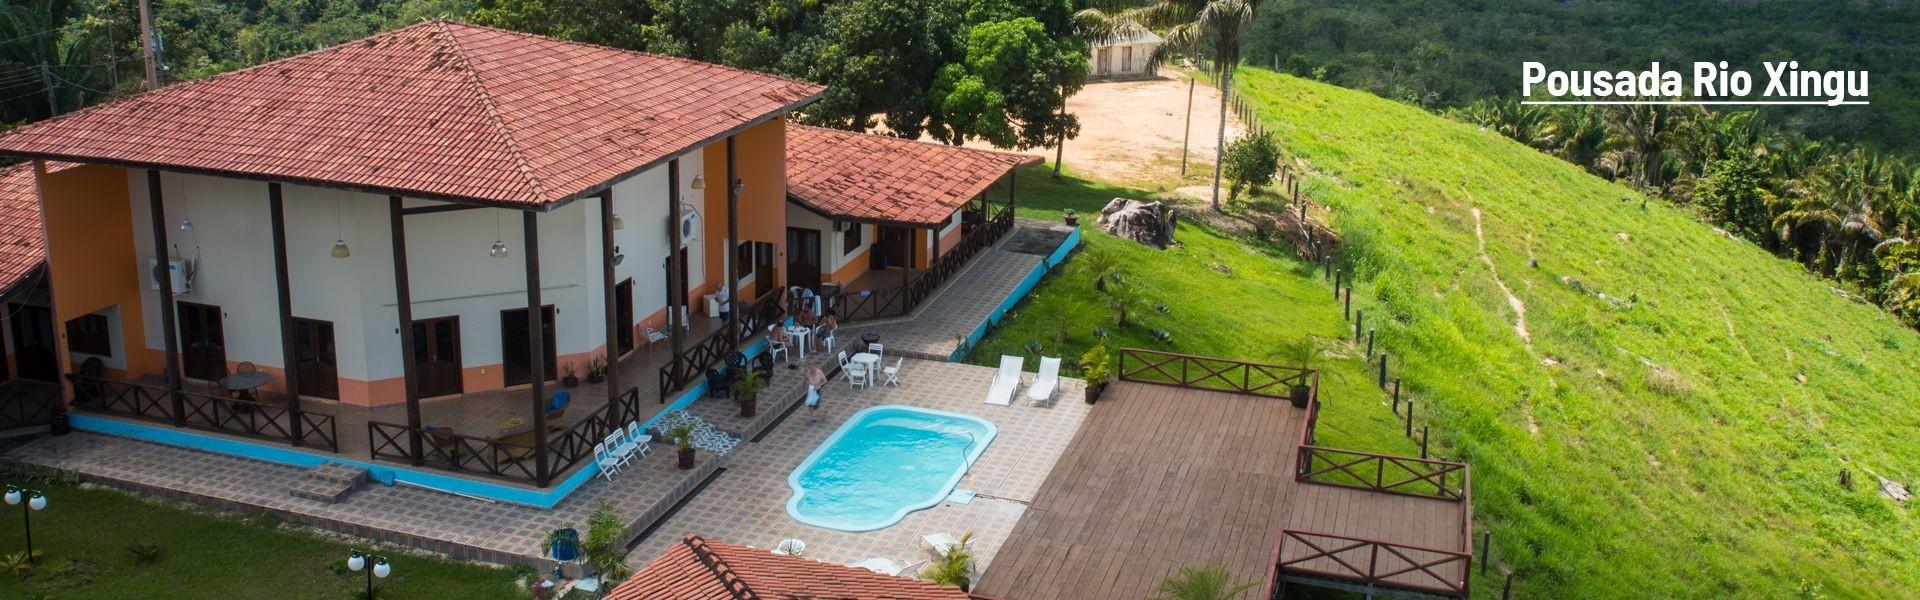 Pousada Rio Xingu renova com a Fish TV